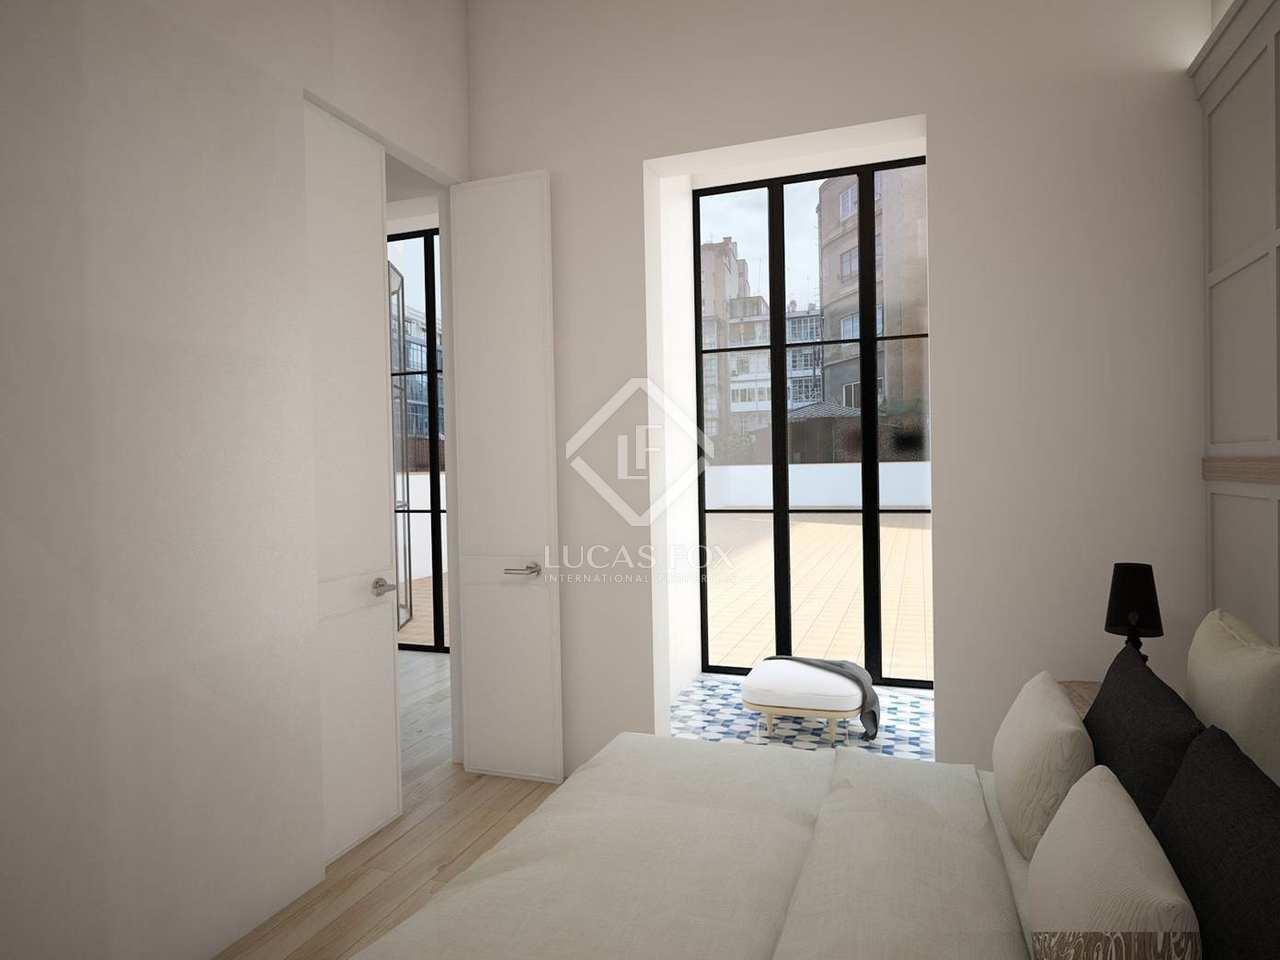 134m wohnung mit 167m terrasse zum verkauf in eixample. Black Bedroom Furniture Sets. Home Design Ideas